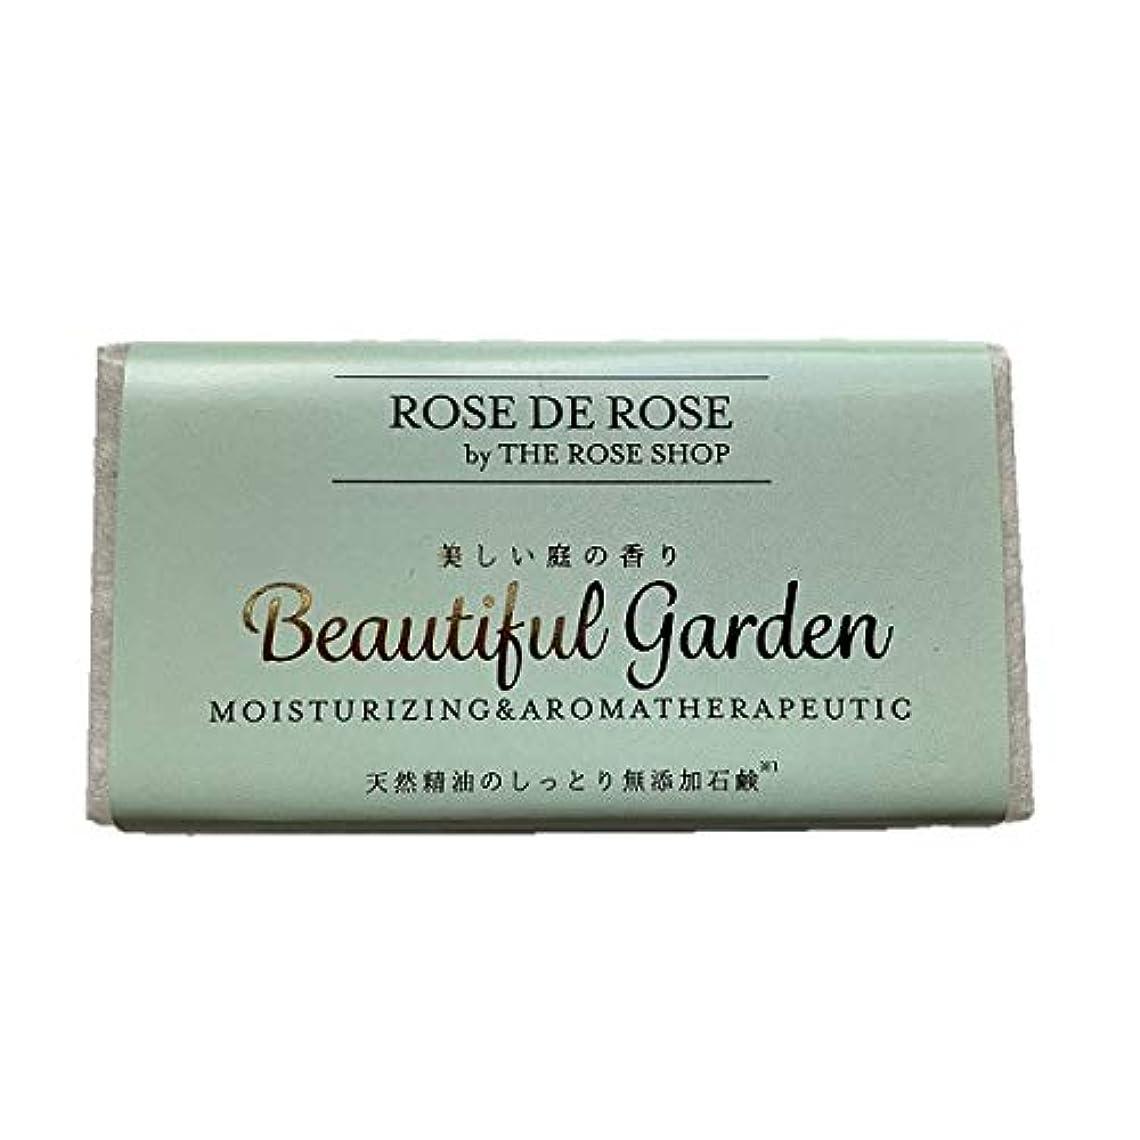 詳細な解明するなぜなら天然精油の無添加石鹸 「美しい庭の香り ビューティフルガーデン」